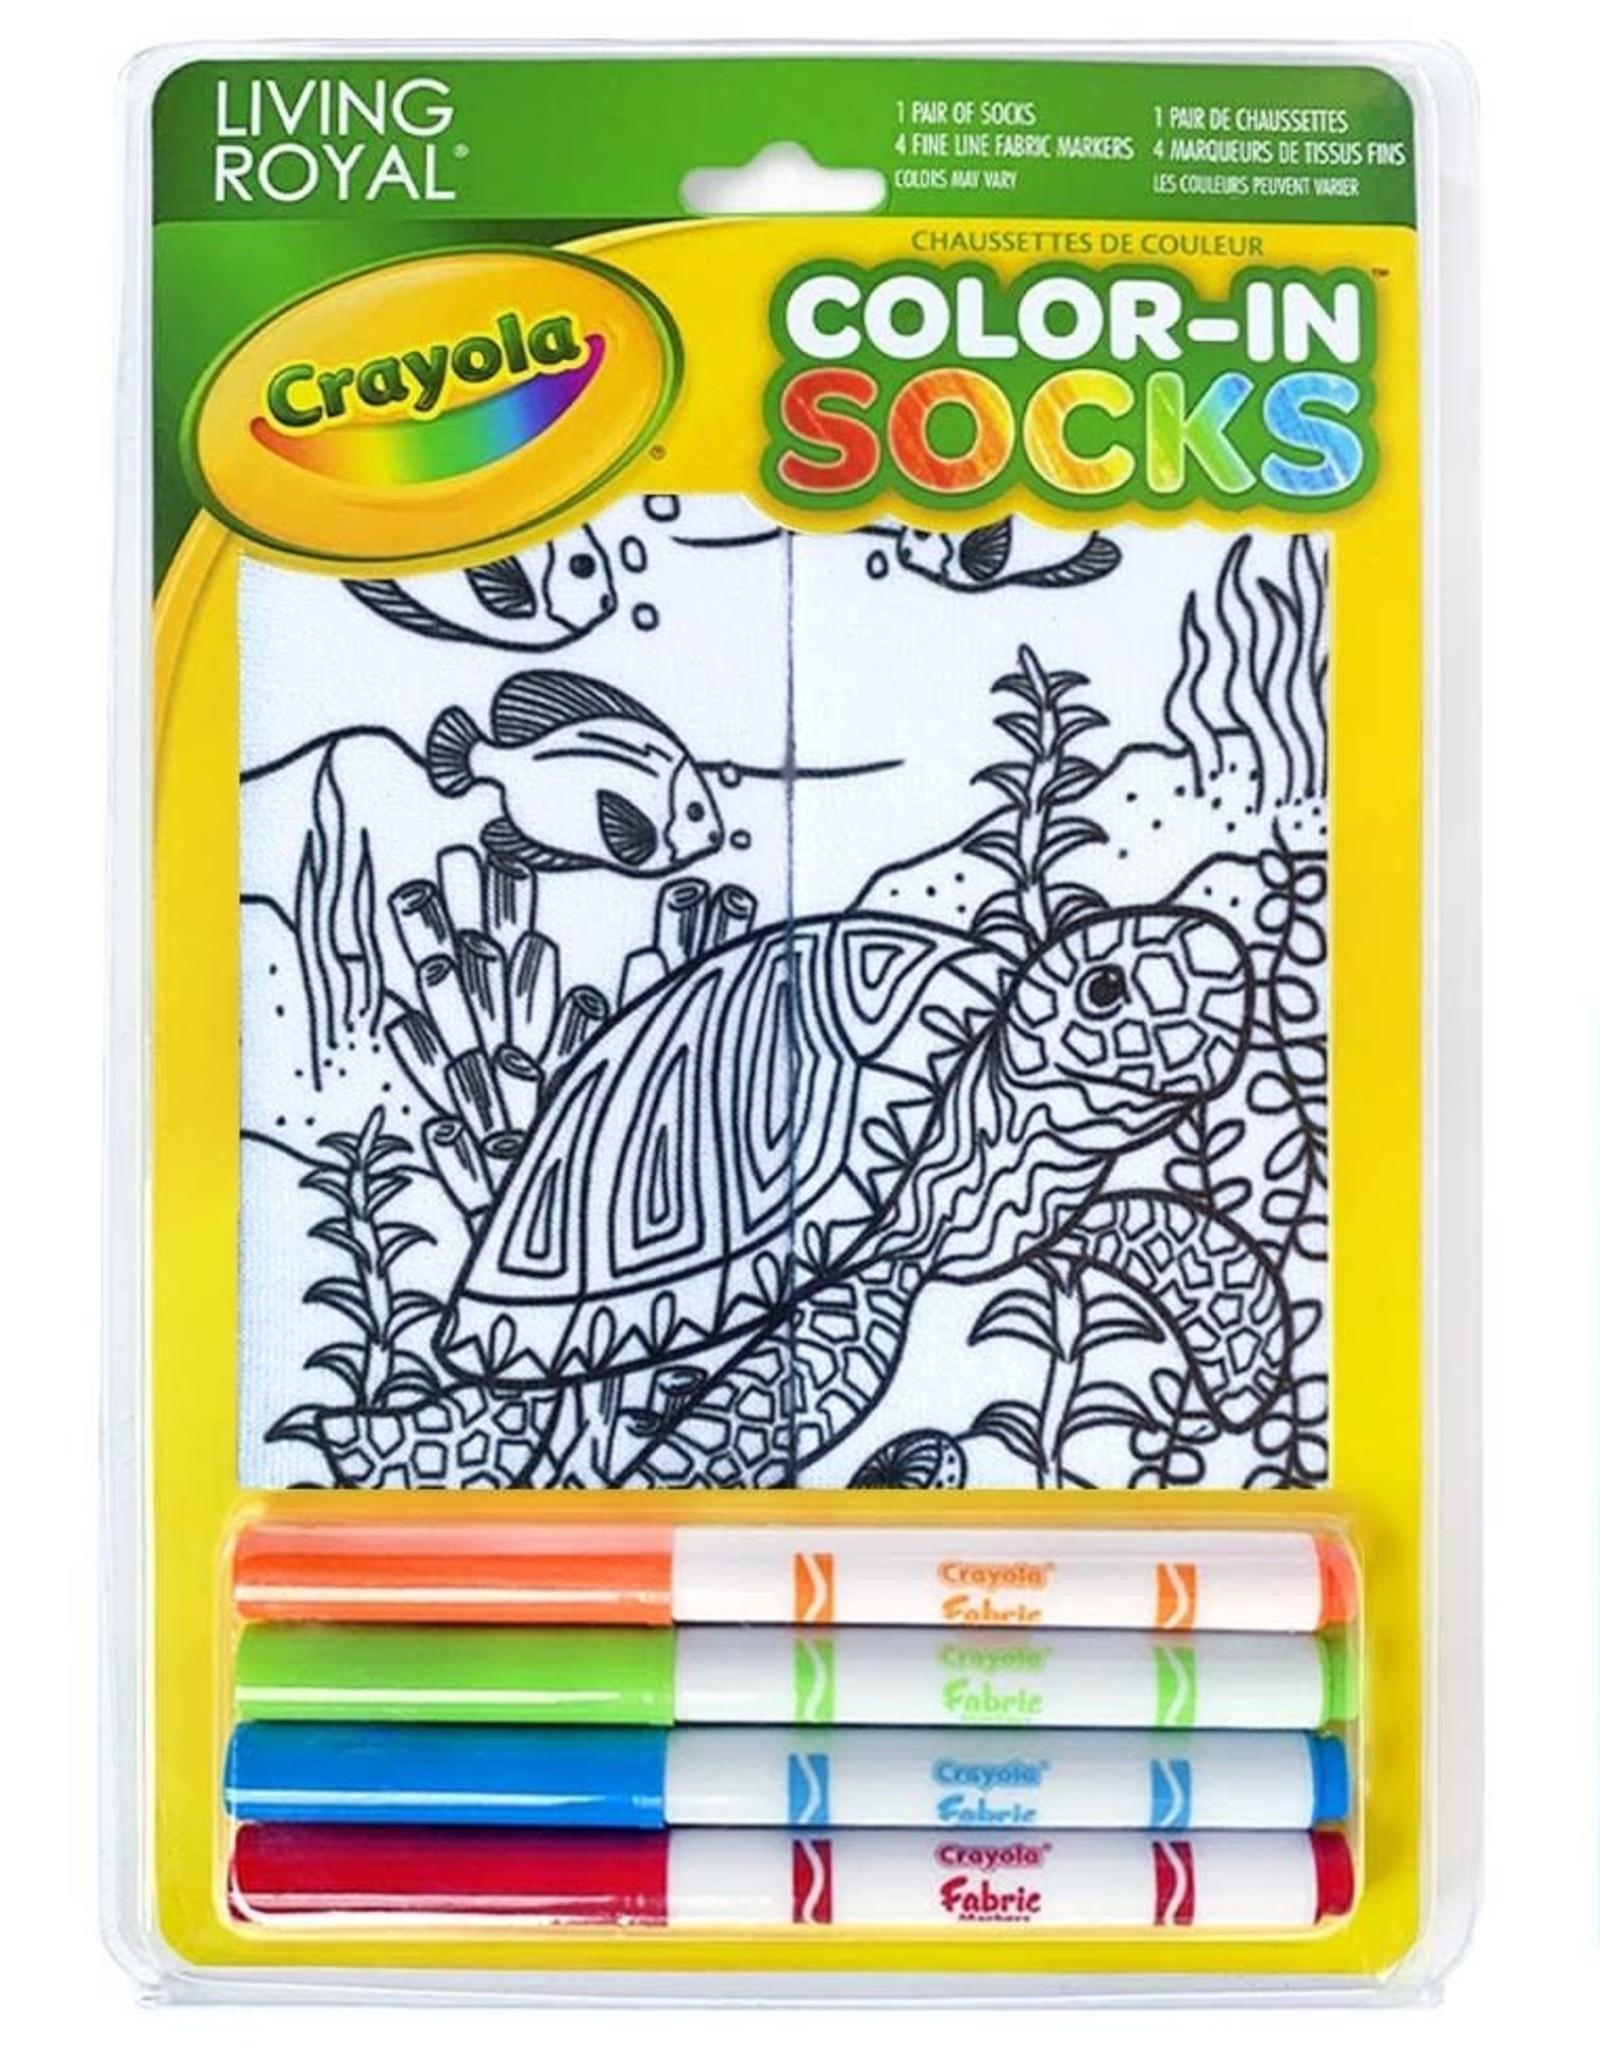 Crayola Color-In Socks: Under the Sea